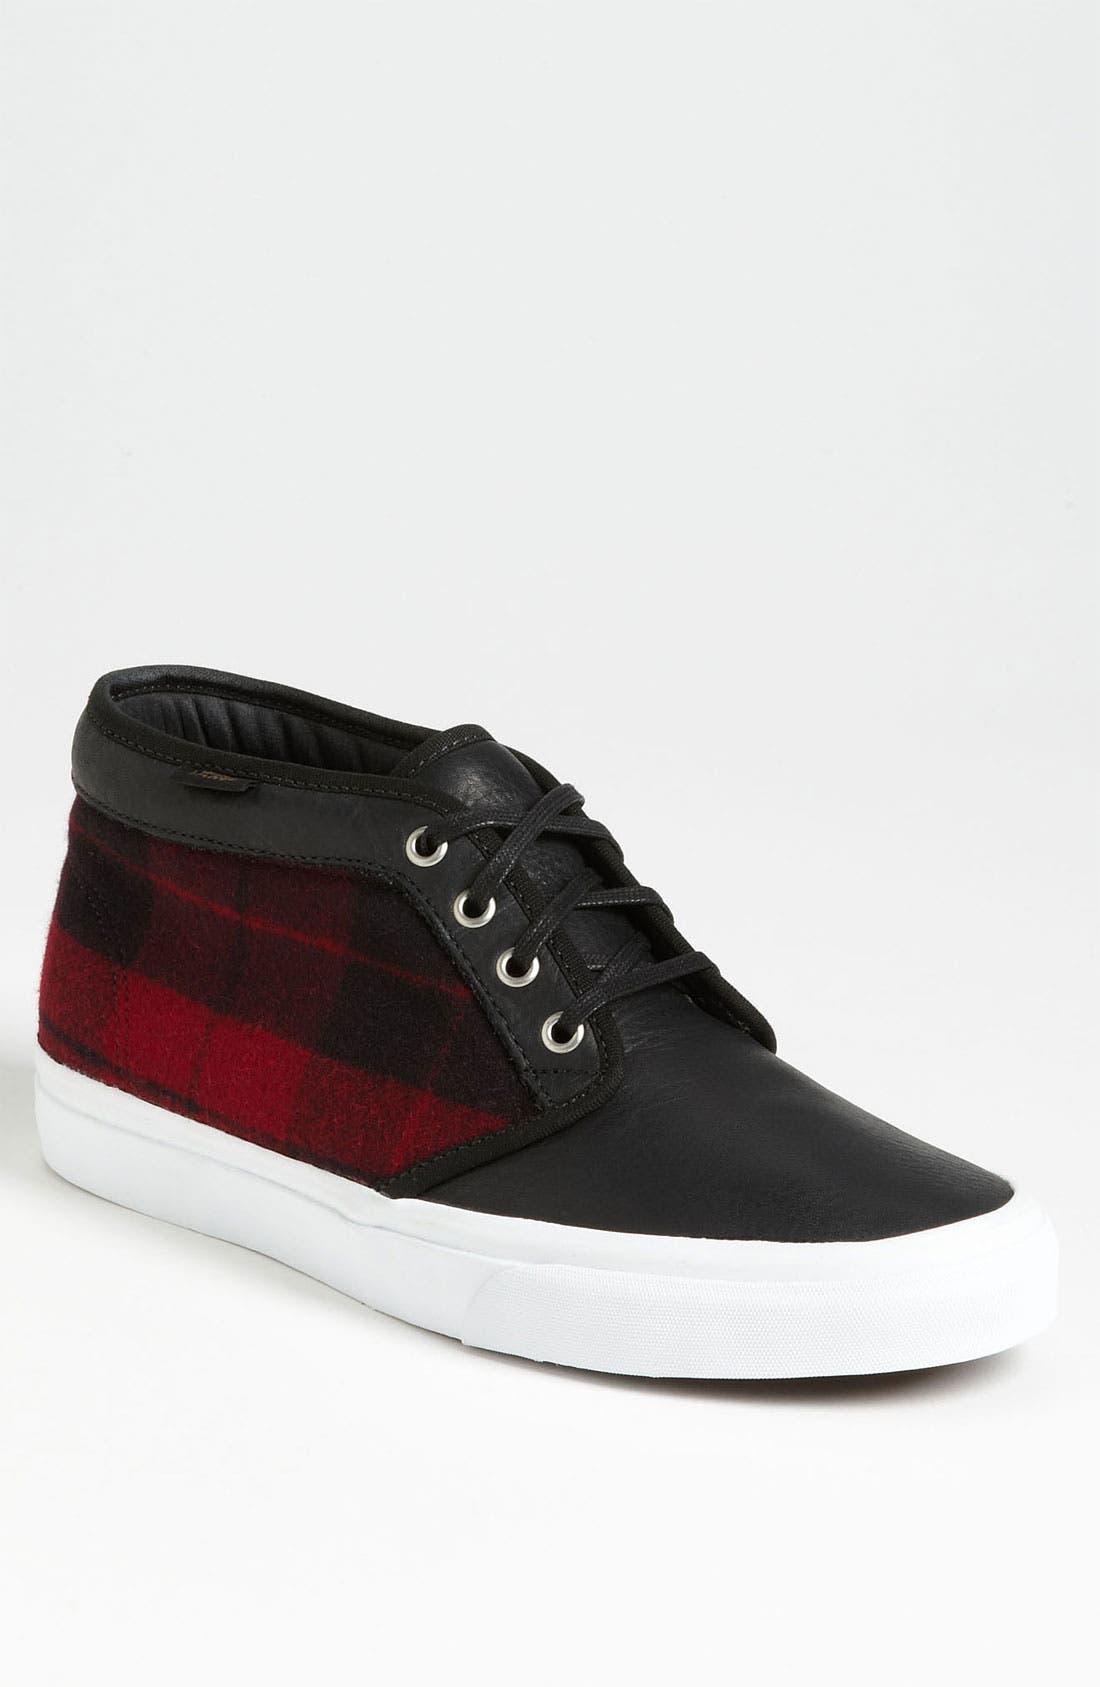 Main Image - Vans 'Cali - Chukka' Sneaker (Men)